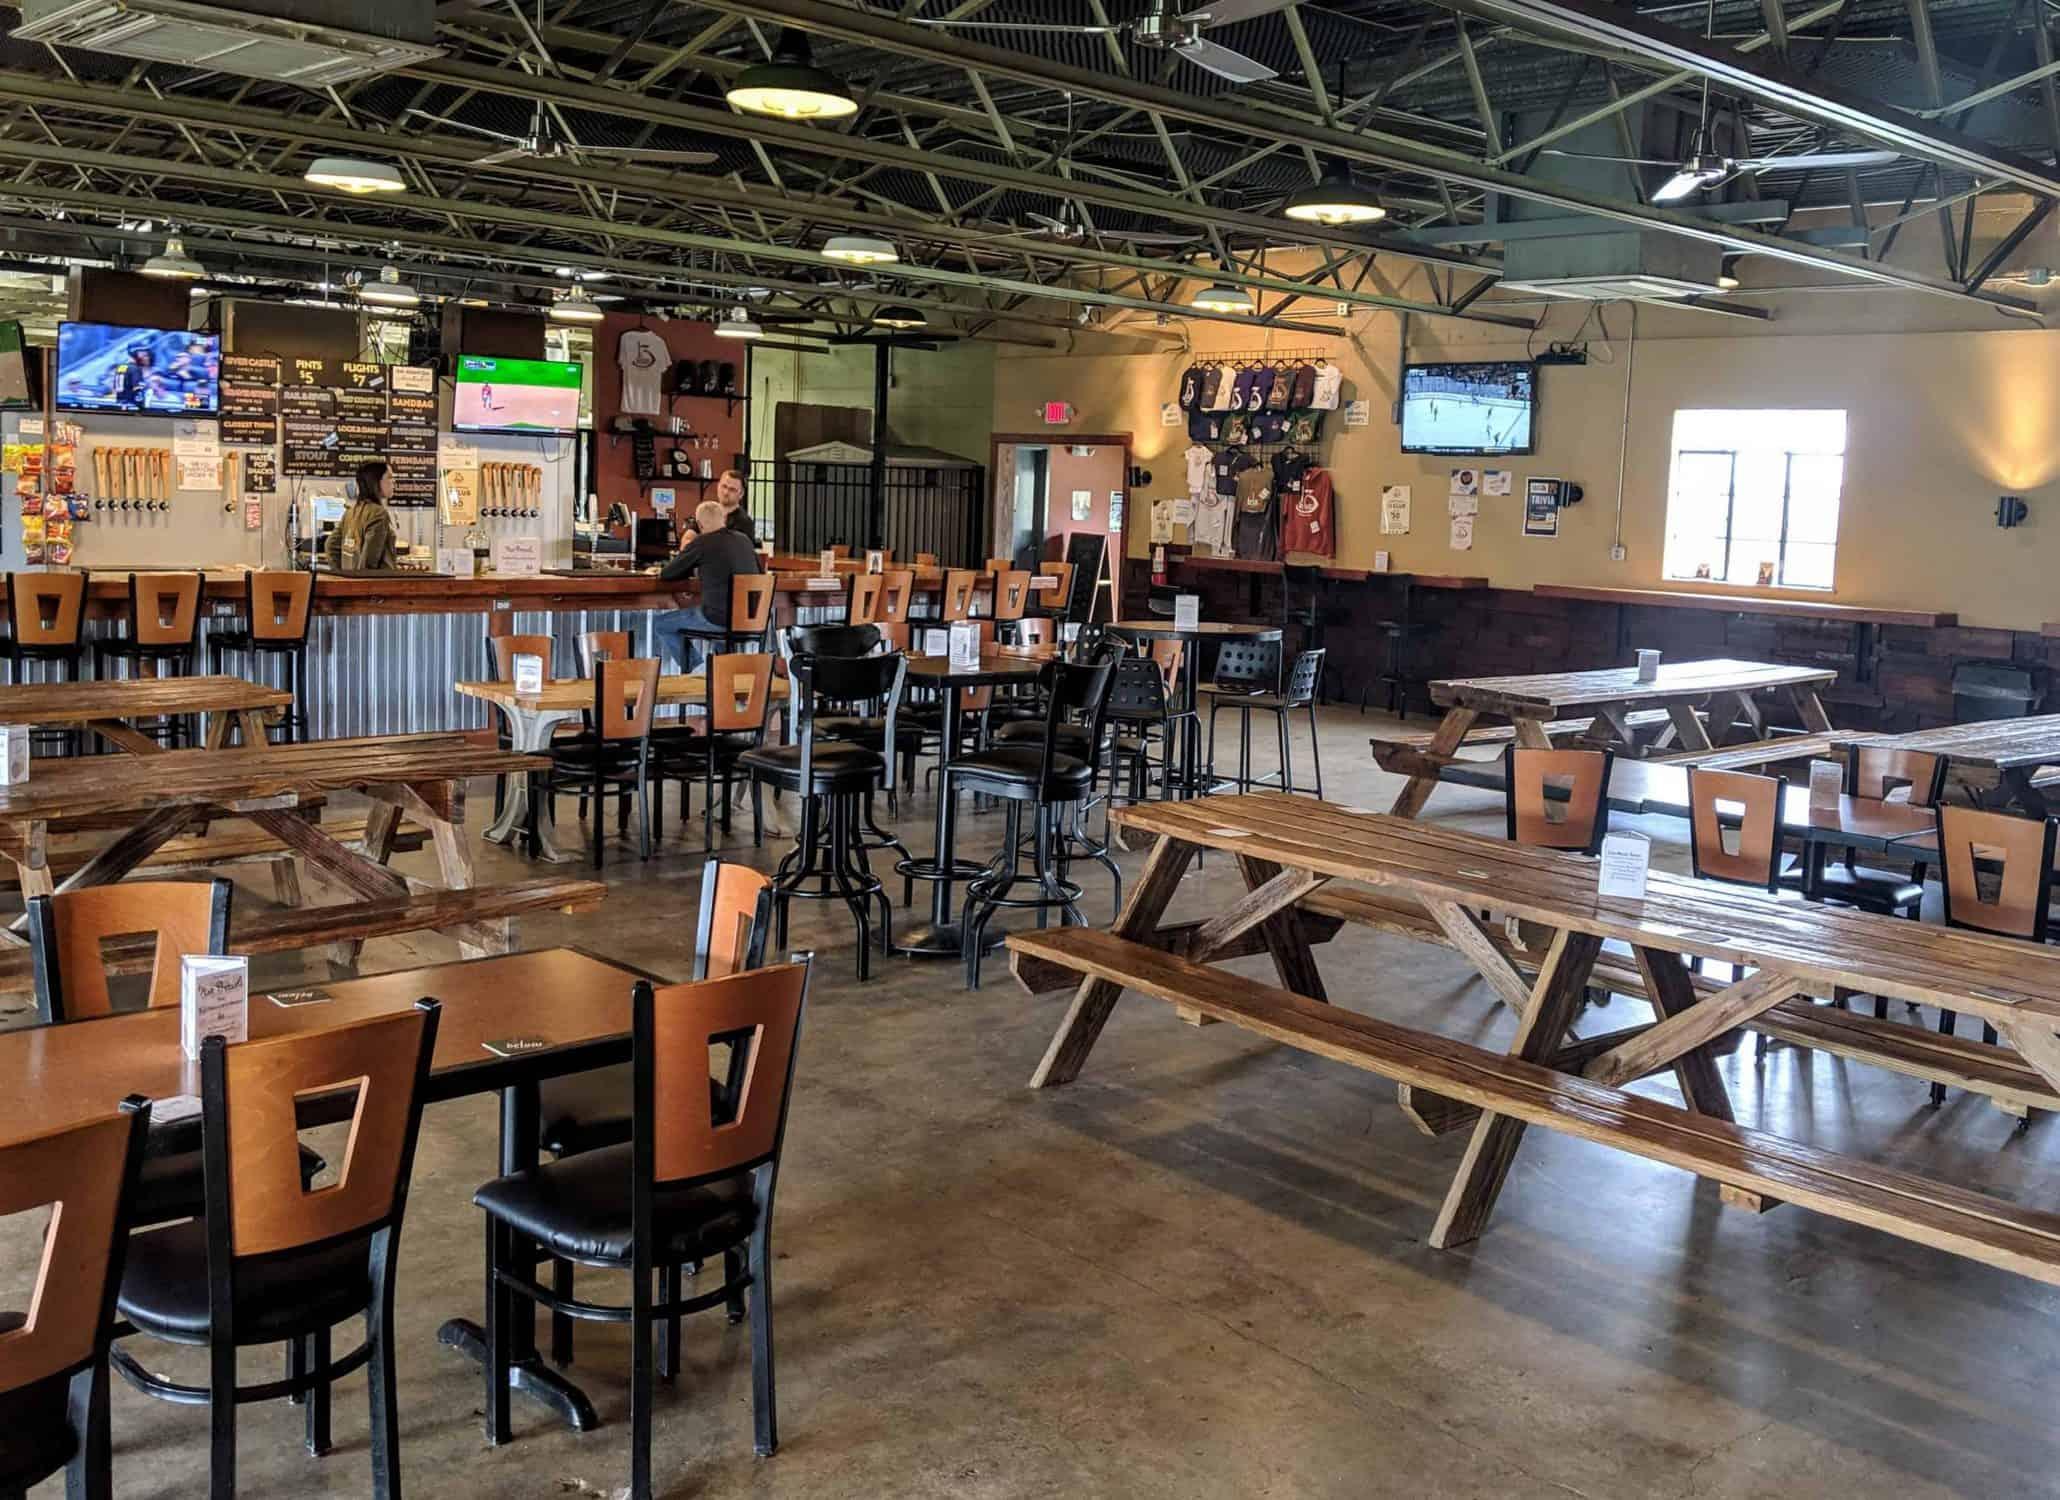 13 below Brewery taproom seating